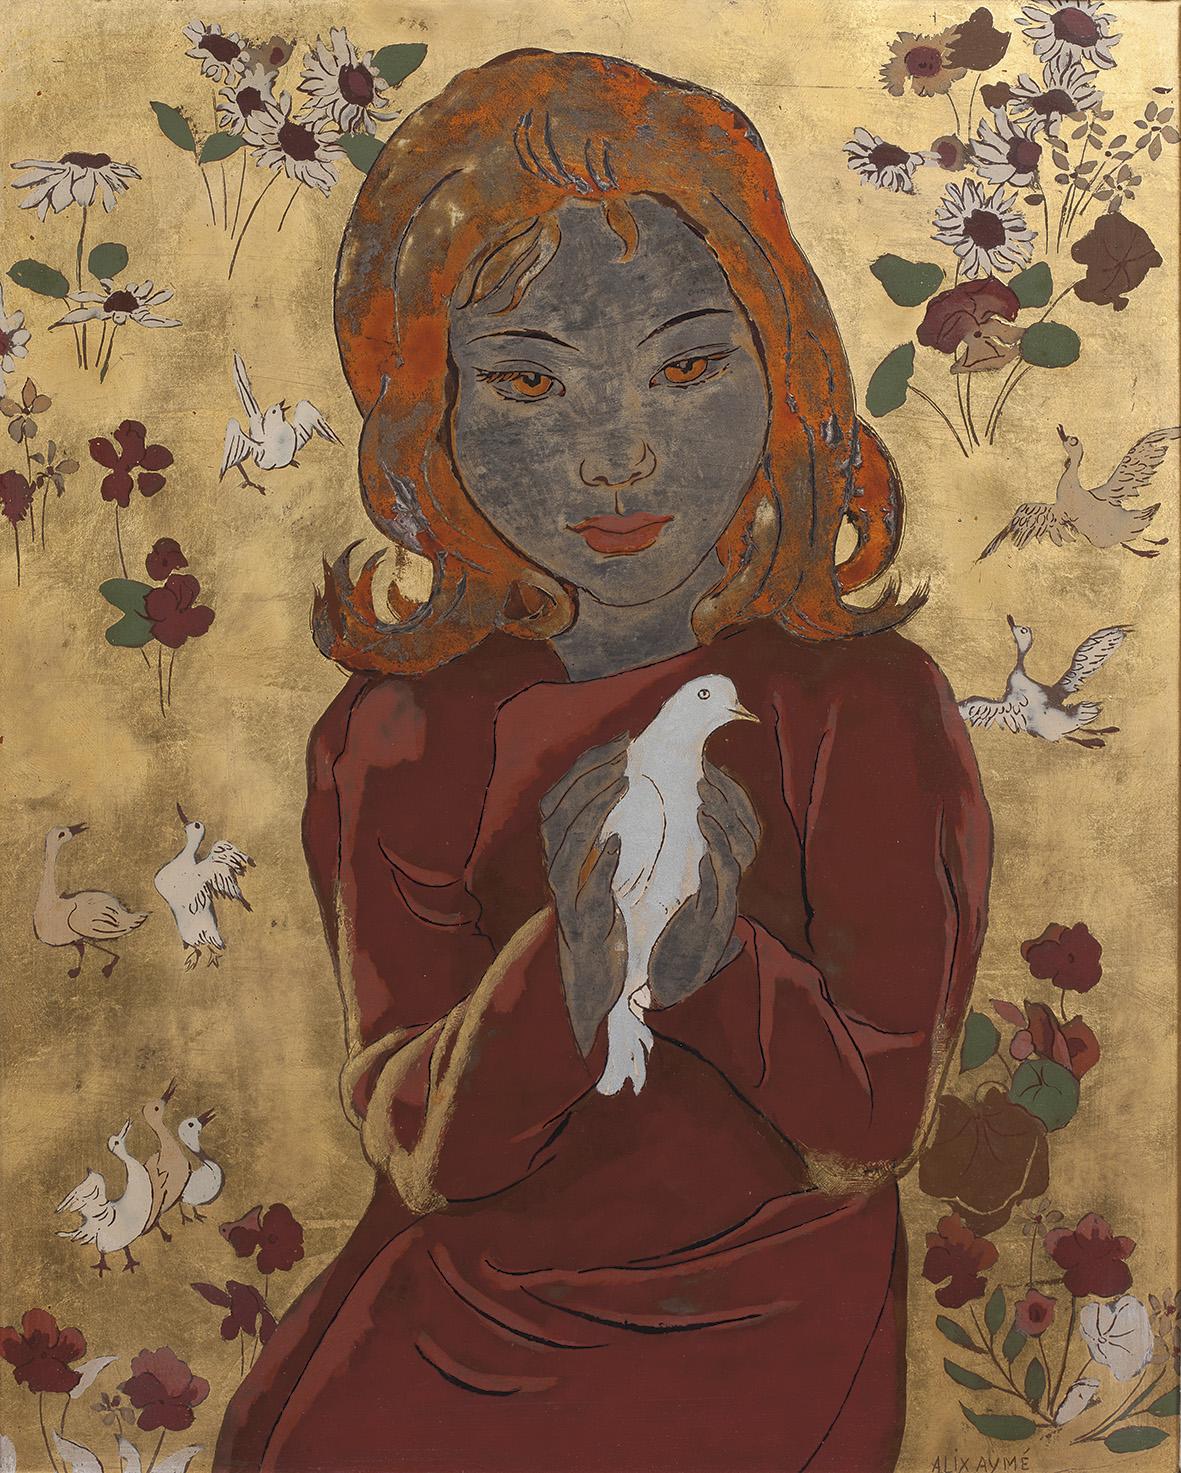 Alors que les peintres vietnamiens se sont rendus en France au début des années 1930, Alix Aymé (1894-1989) a fait le voyage inverse. Elle